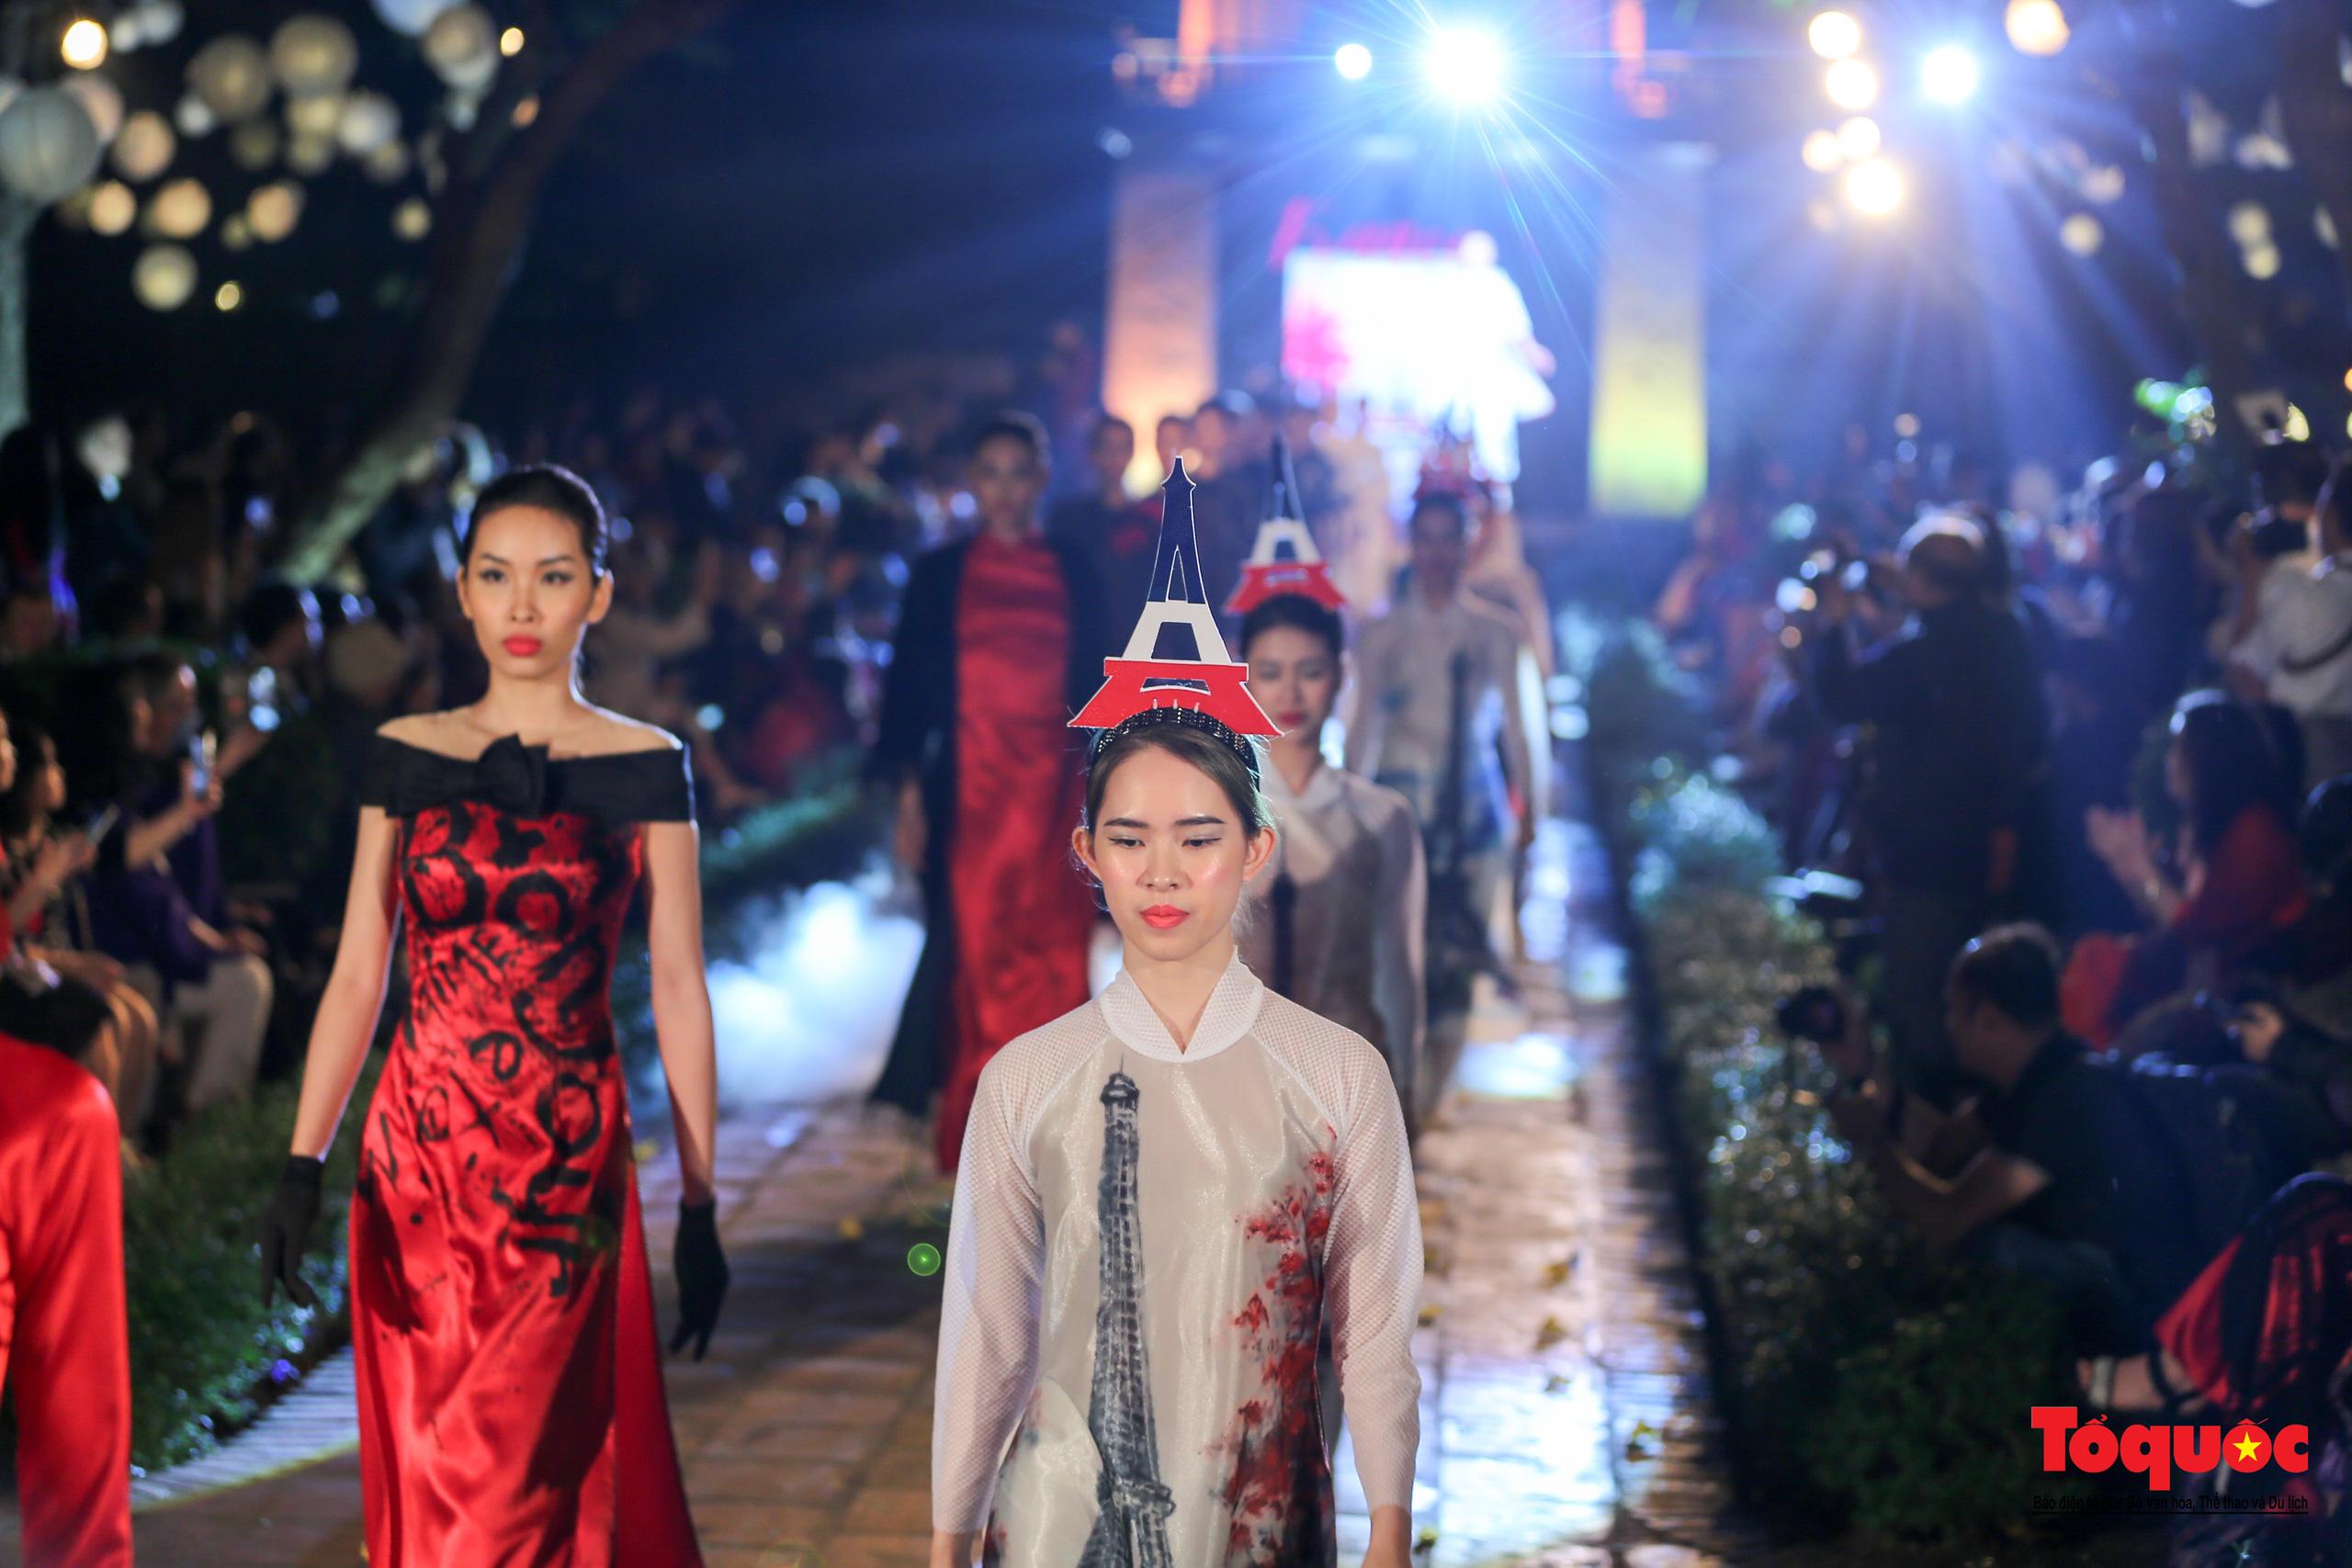 Áo dài truyền thống Việt Nam tỏa sáng tại Văn Miếu Quốc Tử Giám - Ảnh 11.